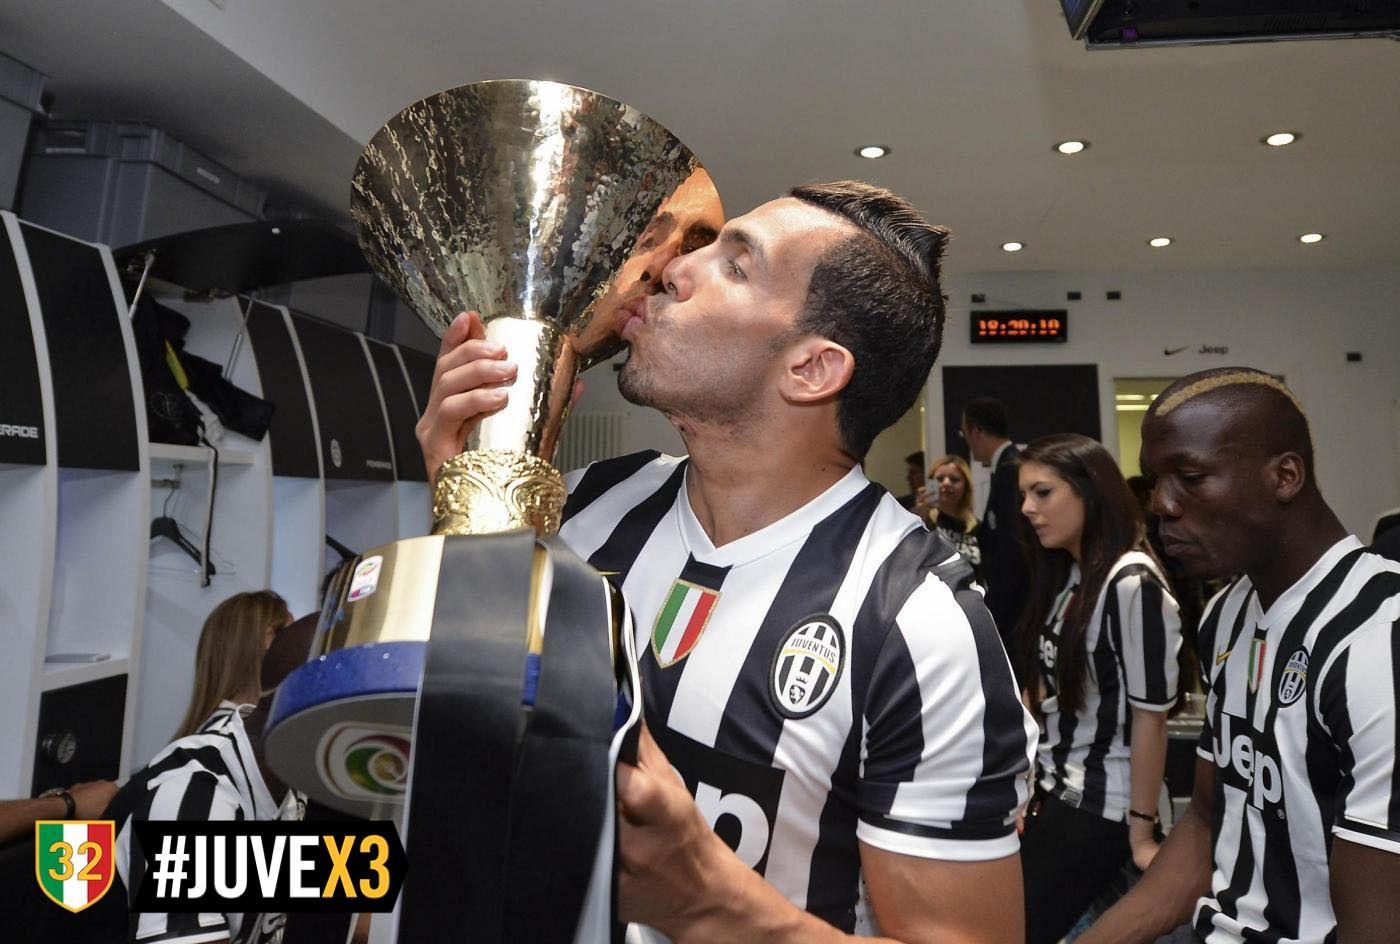 Juventus campione d'Italia - Festeggiamenti - Tevez